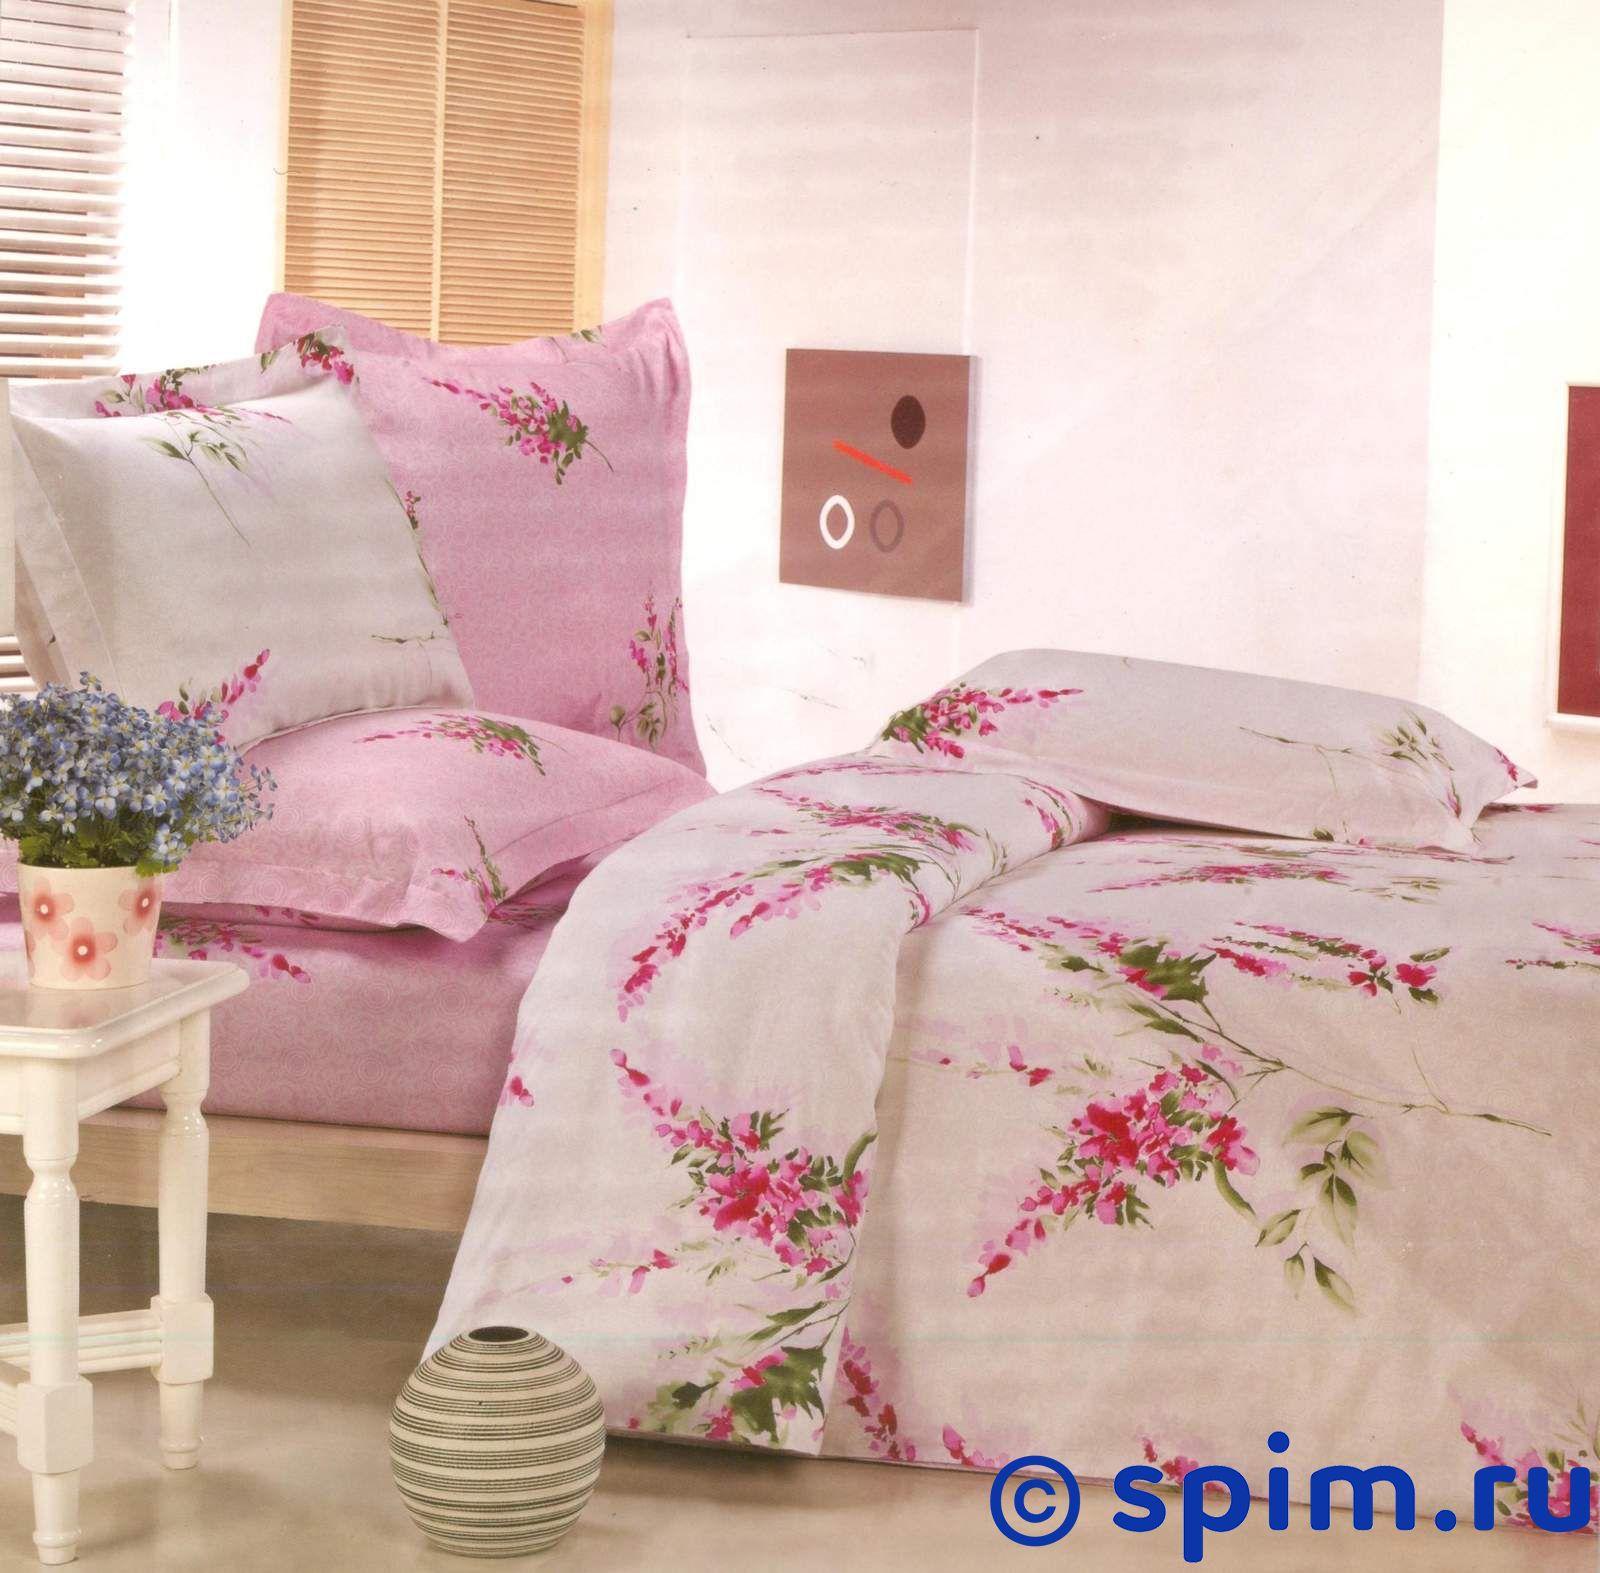 Комплект СайлиД В59 (2) 1.5 спальное